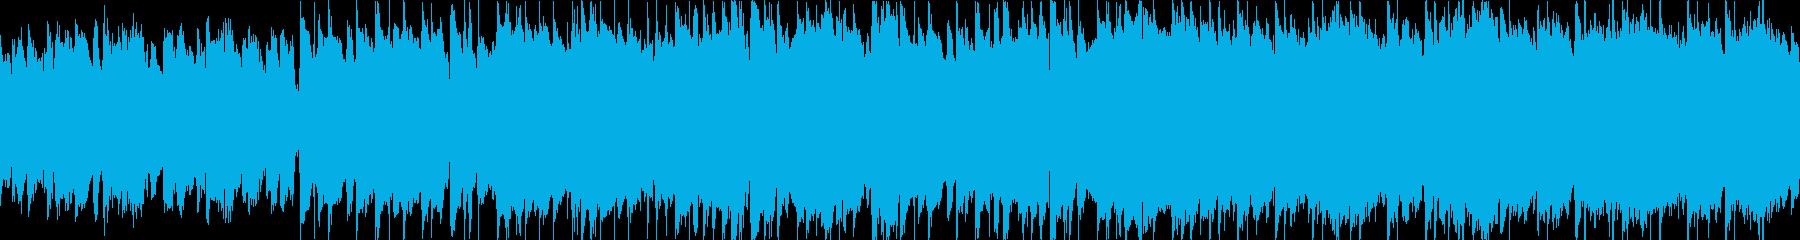 荒野を走る ループ 生演奏の再生済みの波形